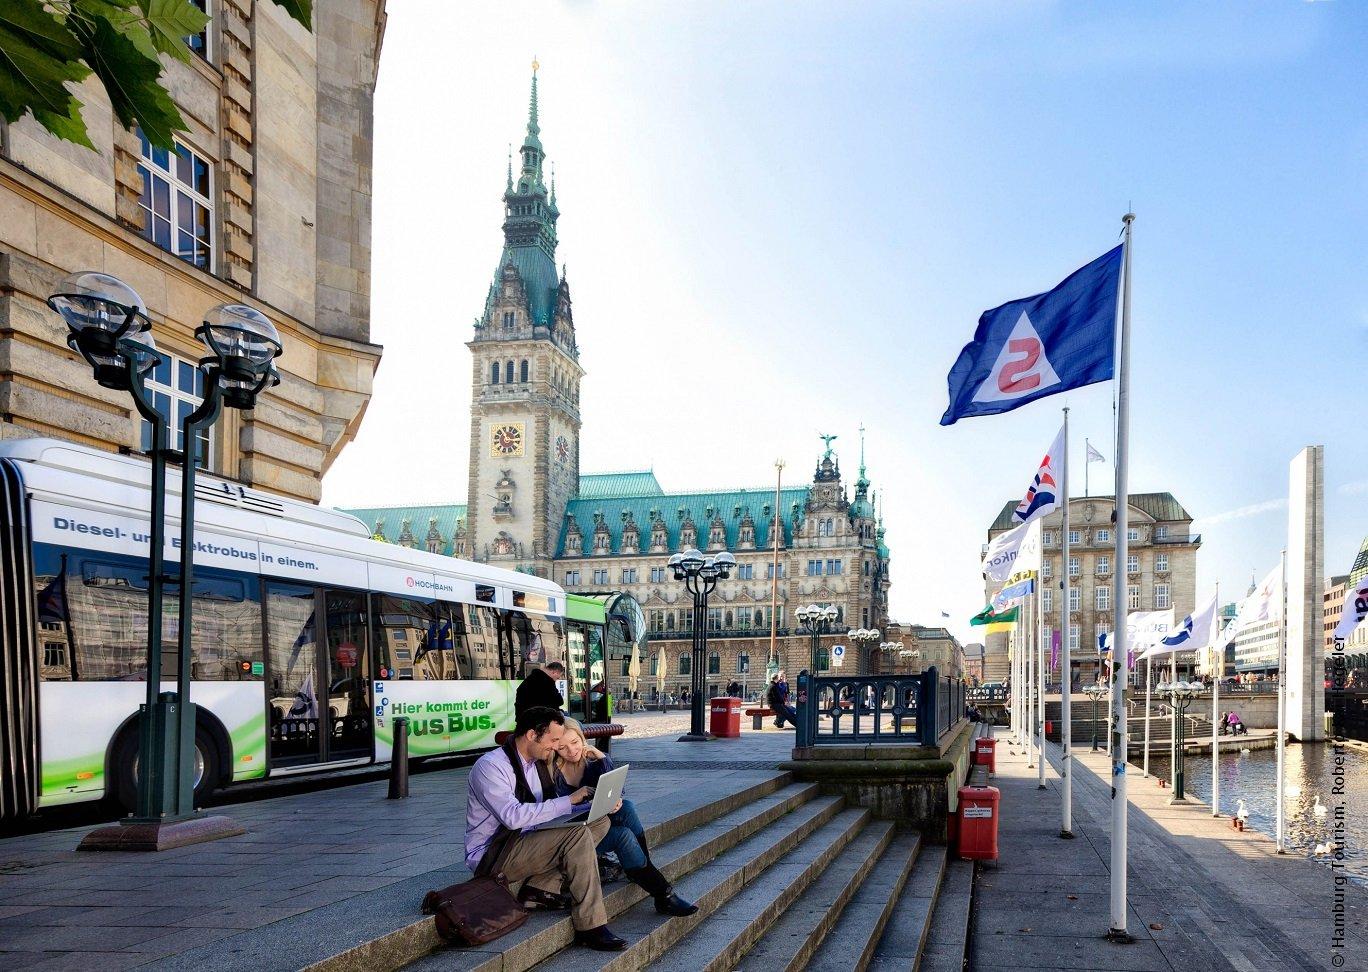 Hamburg's Town Hall